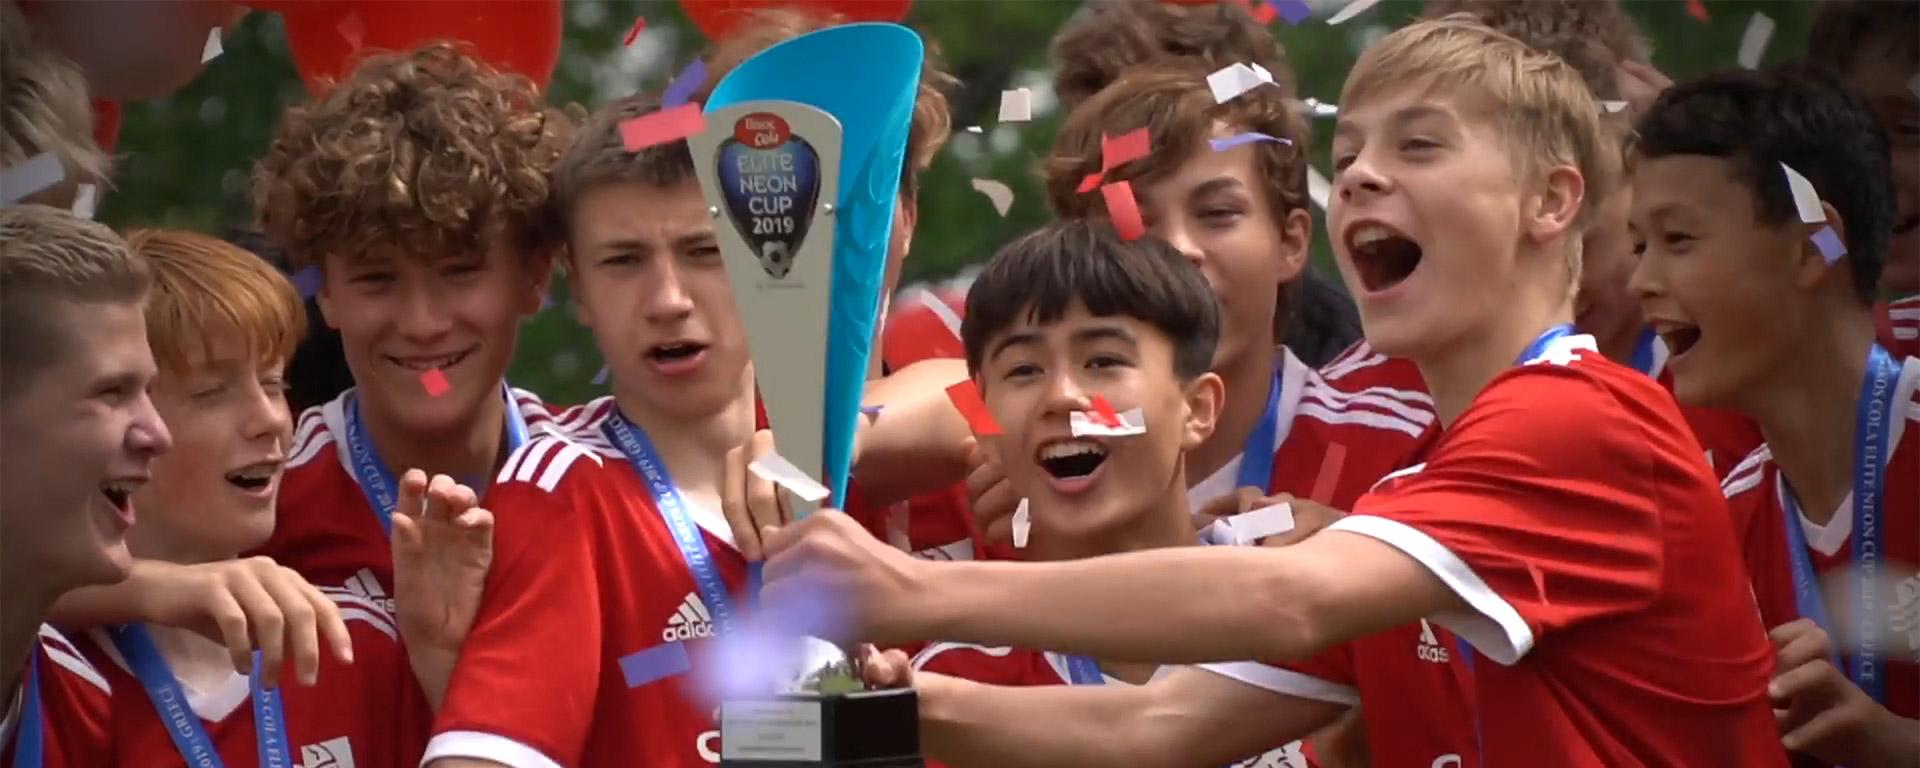 Βικος Cola Elite Neon Cup 2019 Athens Edition